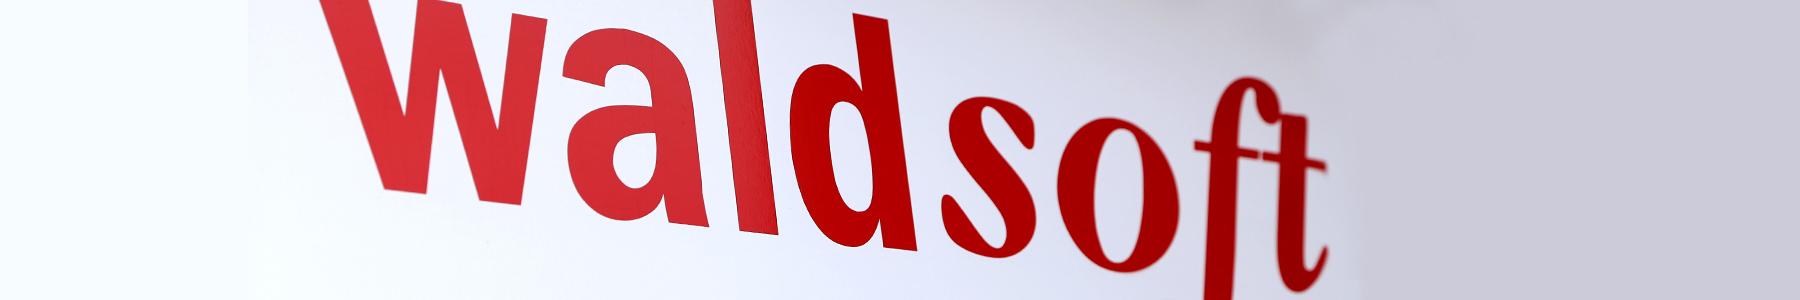 waldsoft Logo